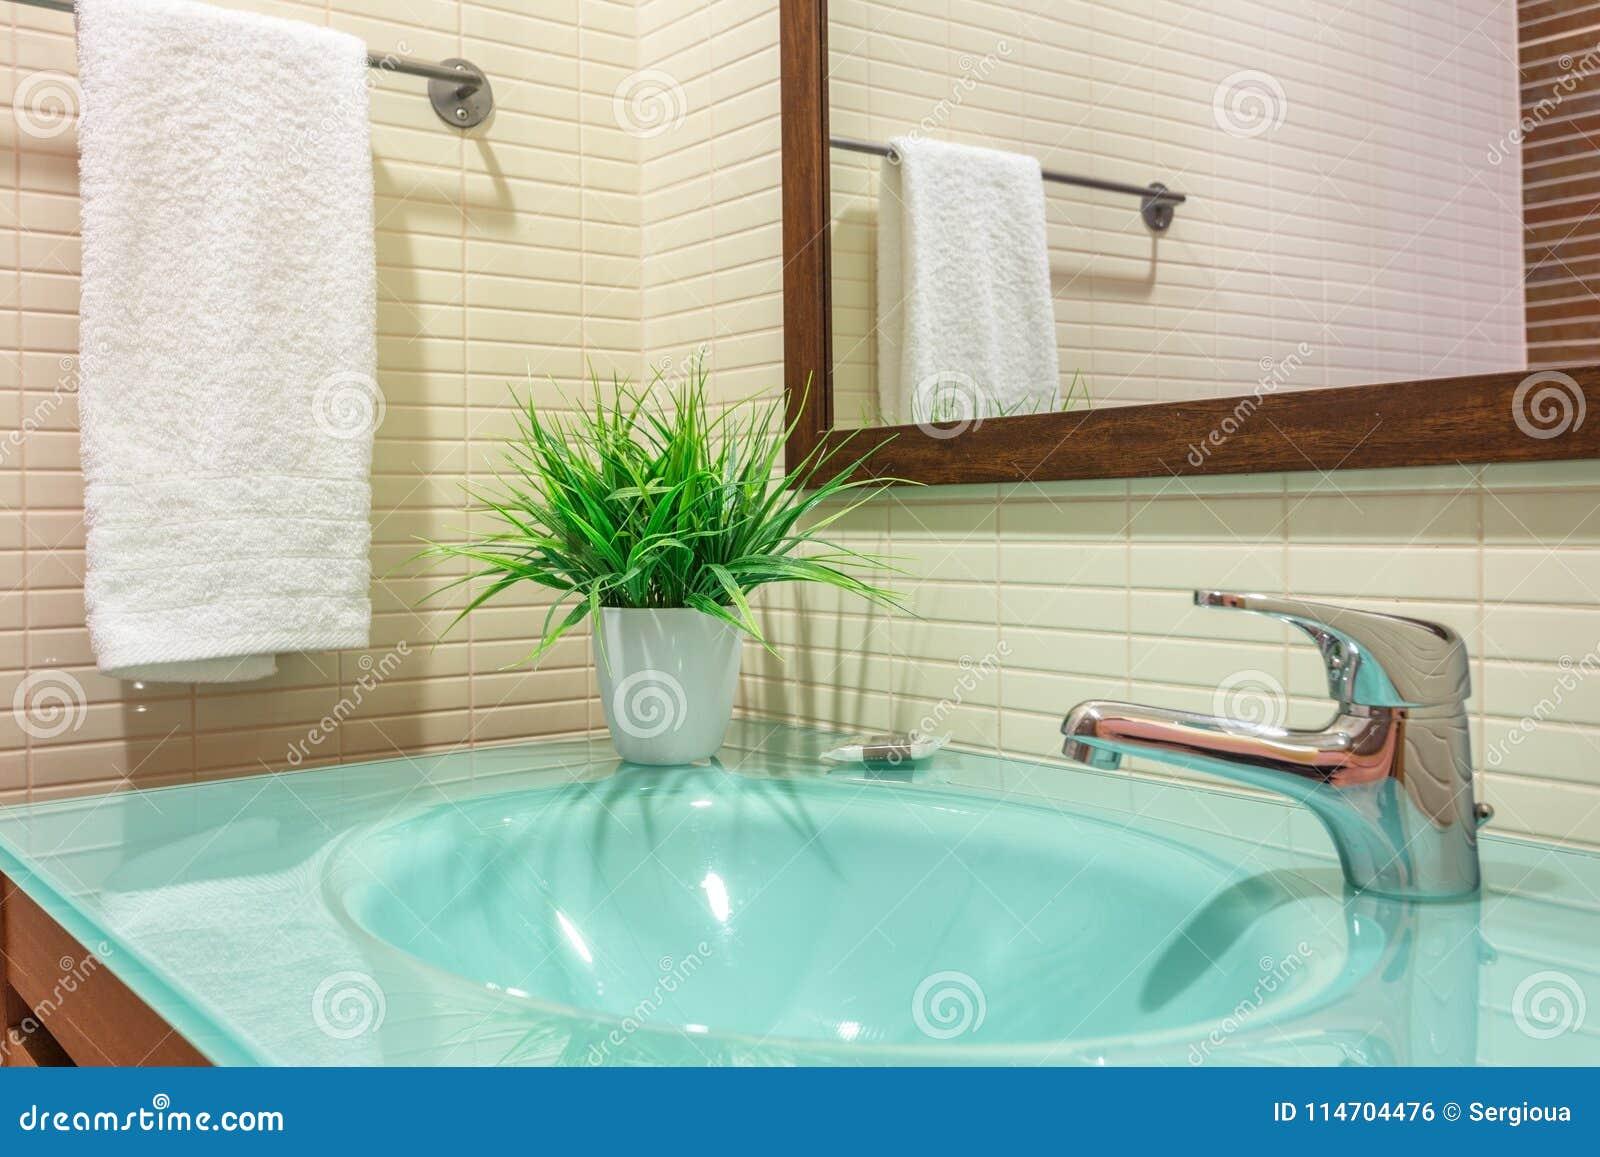 Een modern toilet met een wasbak en een bloempot voor decoratie